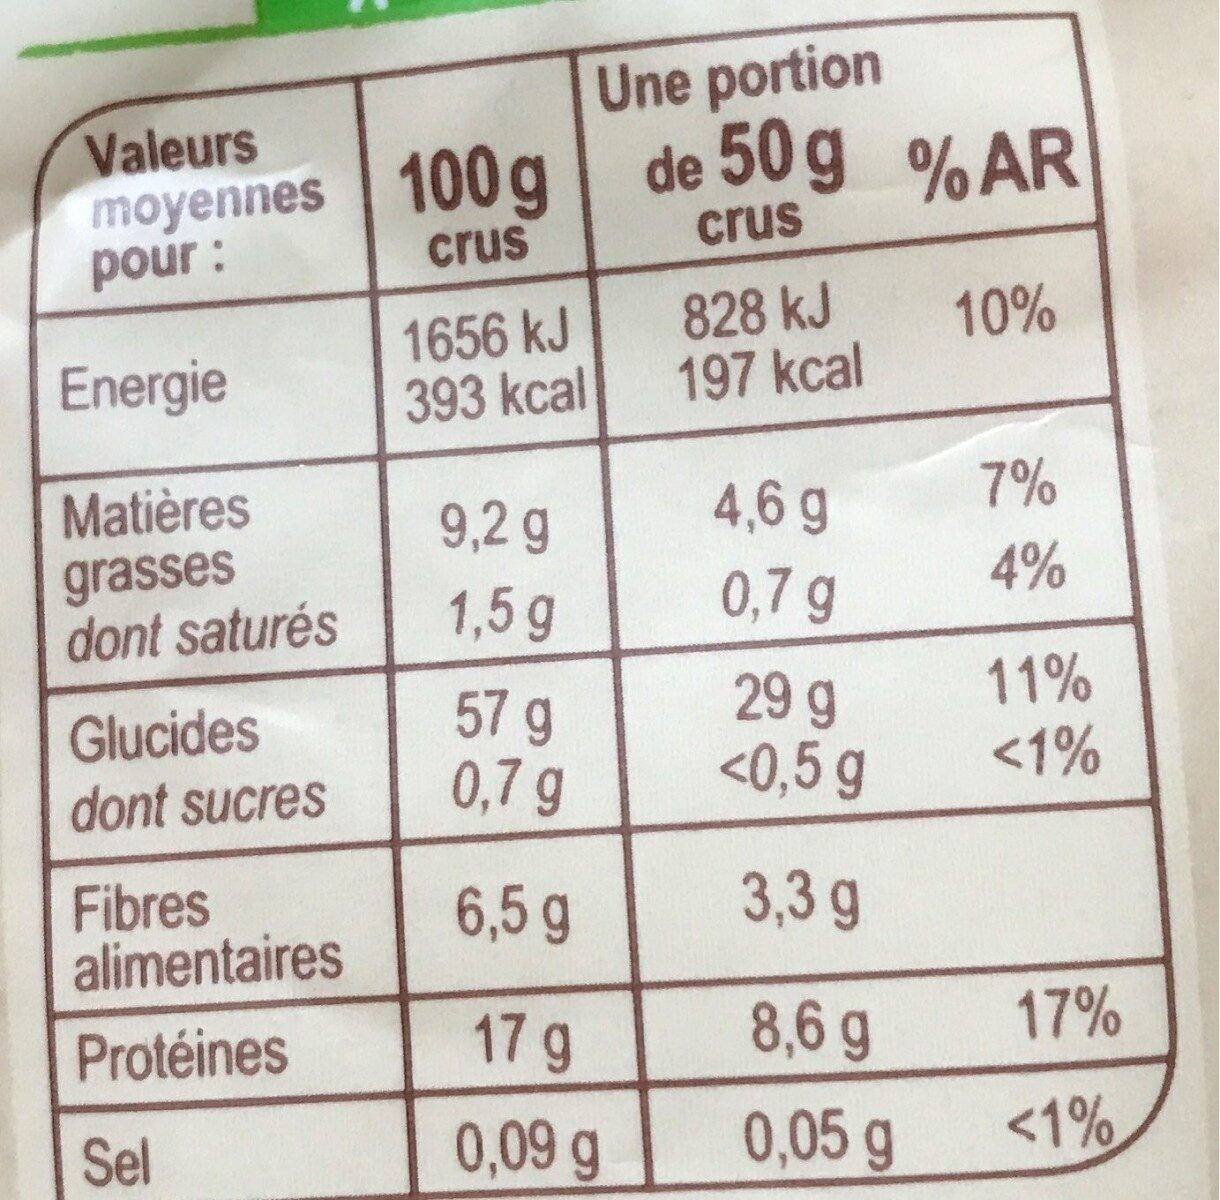 Mélange épeautre, lentilles corail, graines de sésame - Información nutricional - fr